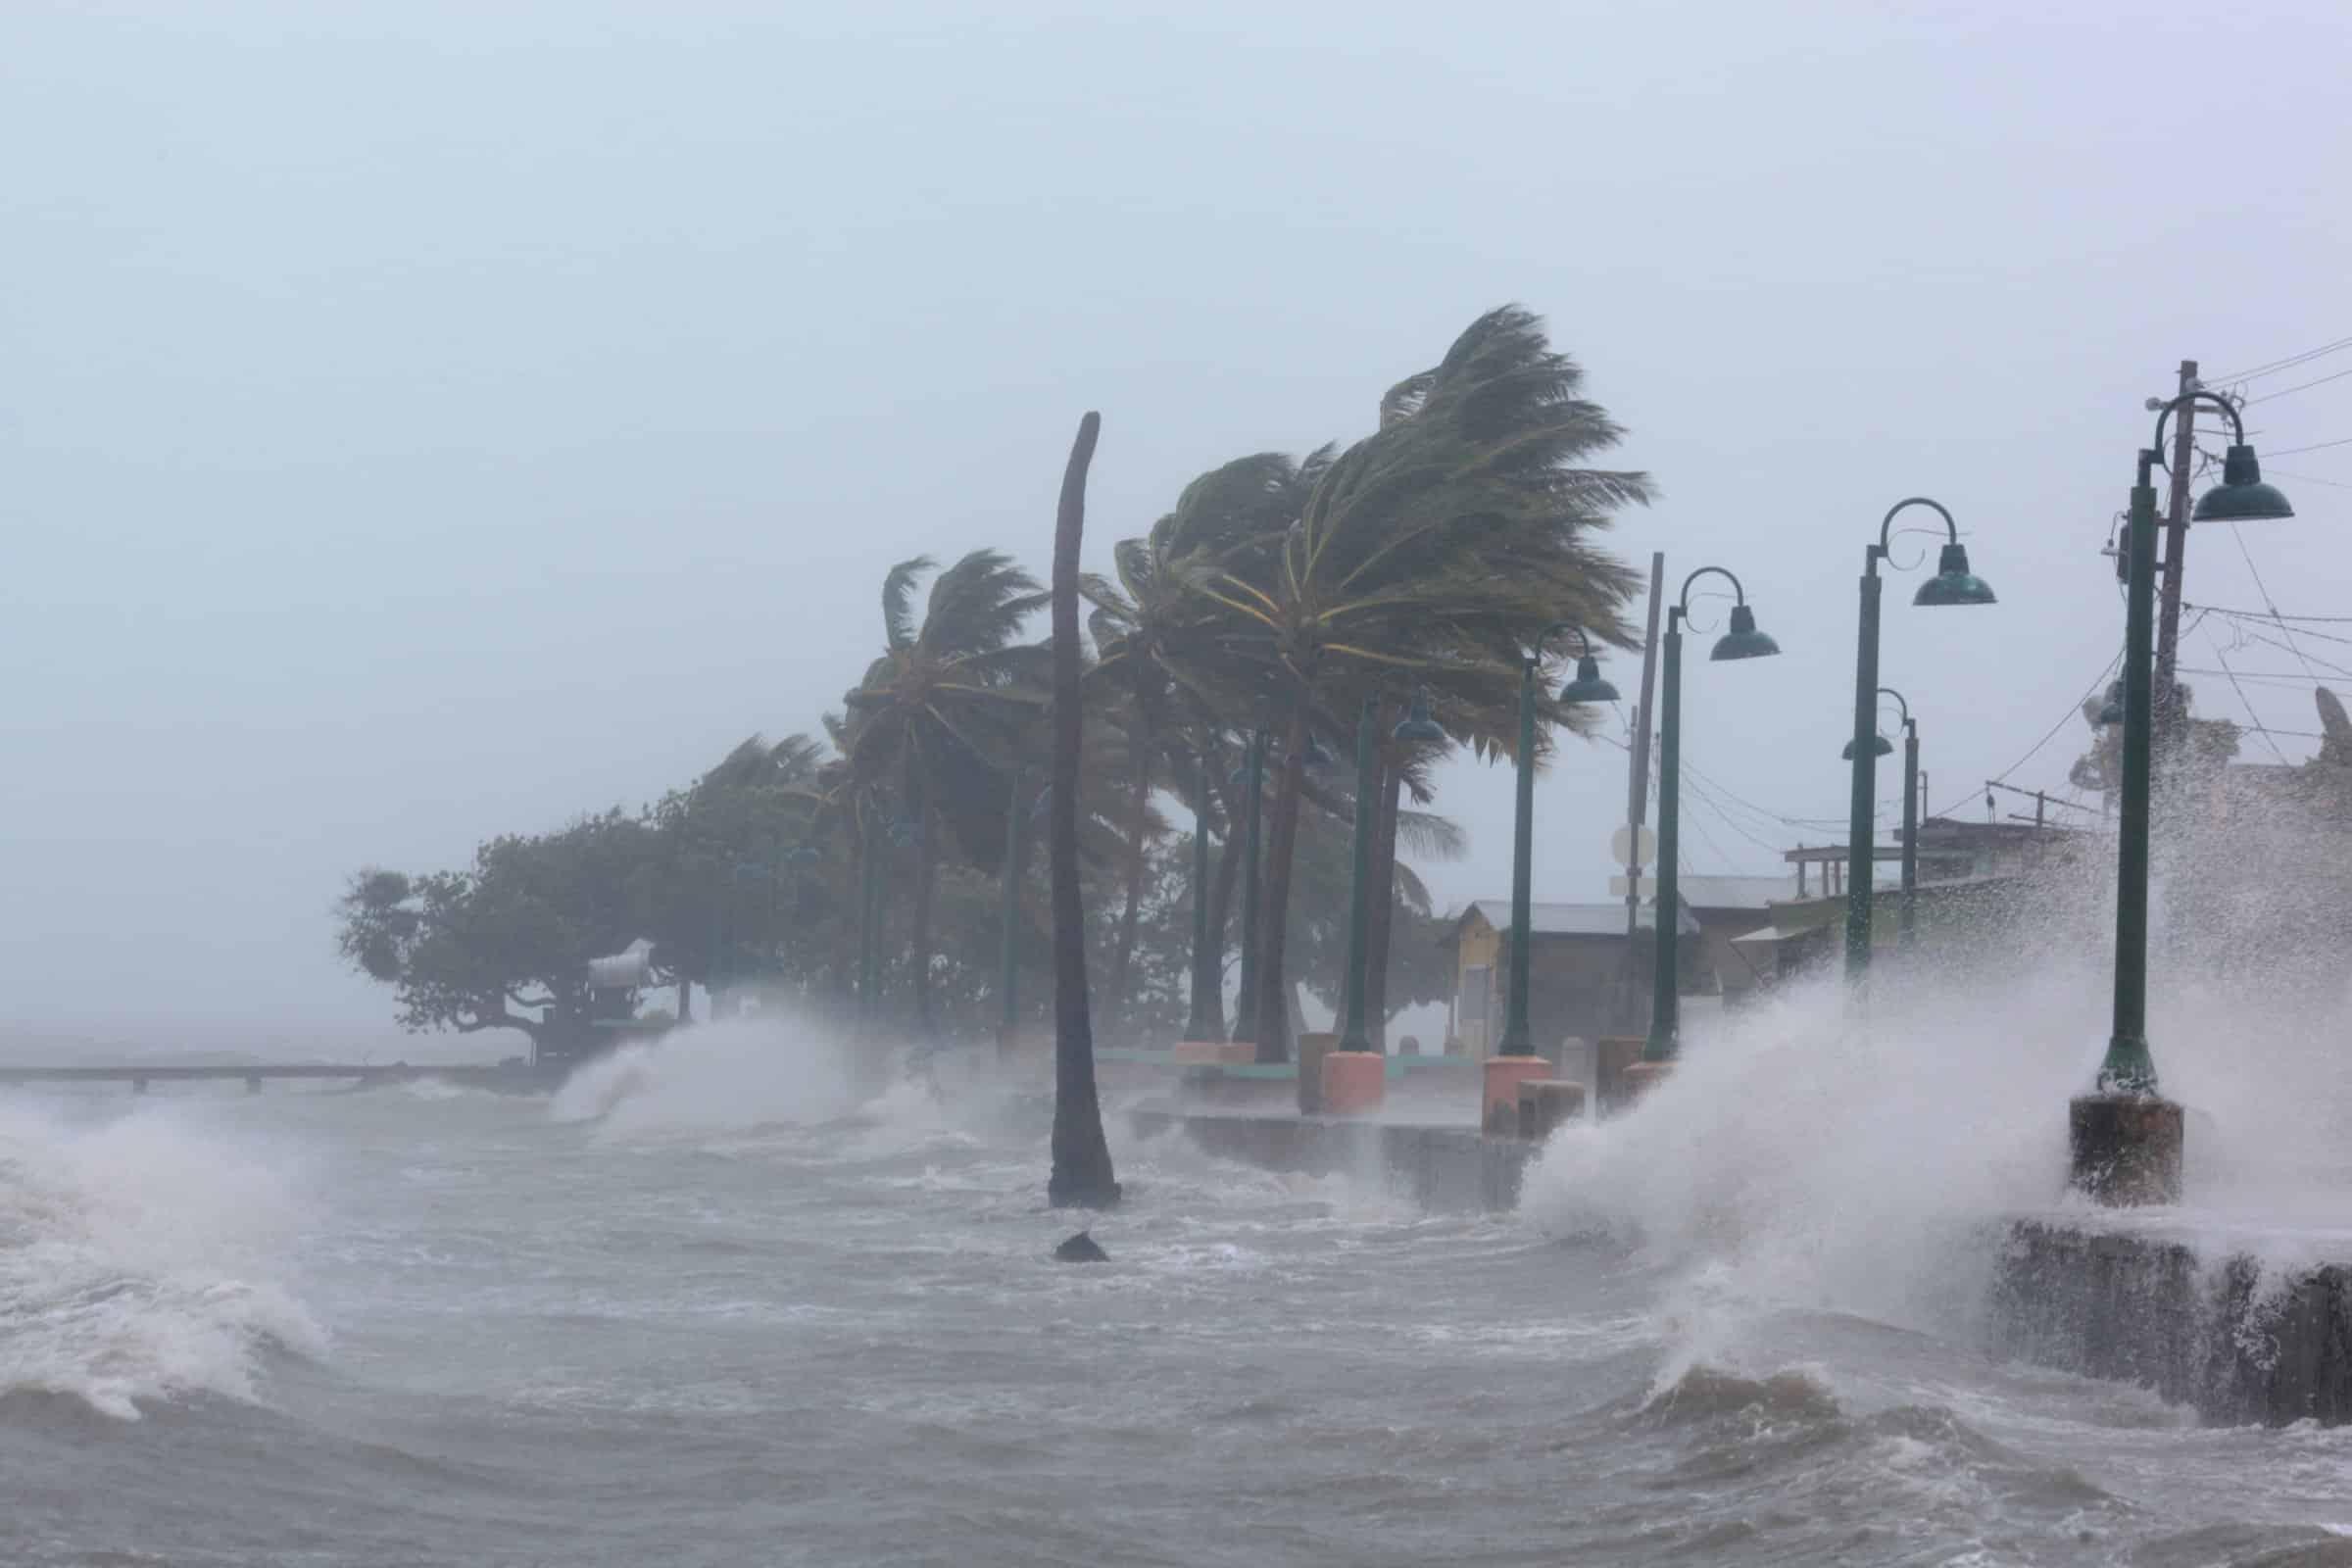 Huracán Irma deja devastador panorama en Barbuda y continúa su trayecto destructivo